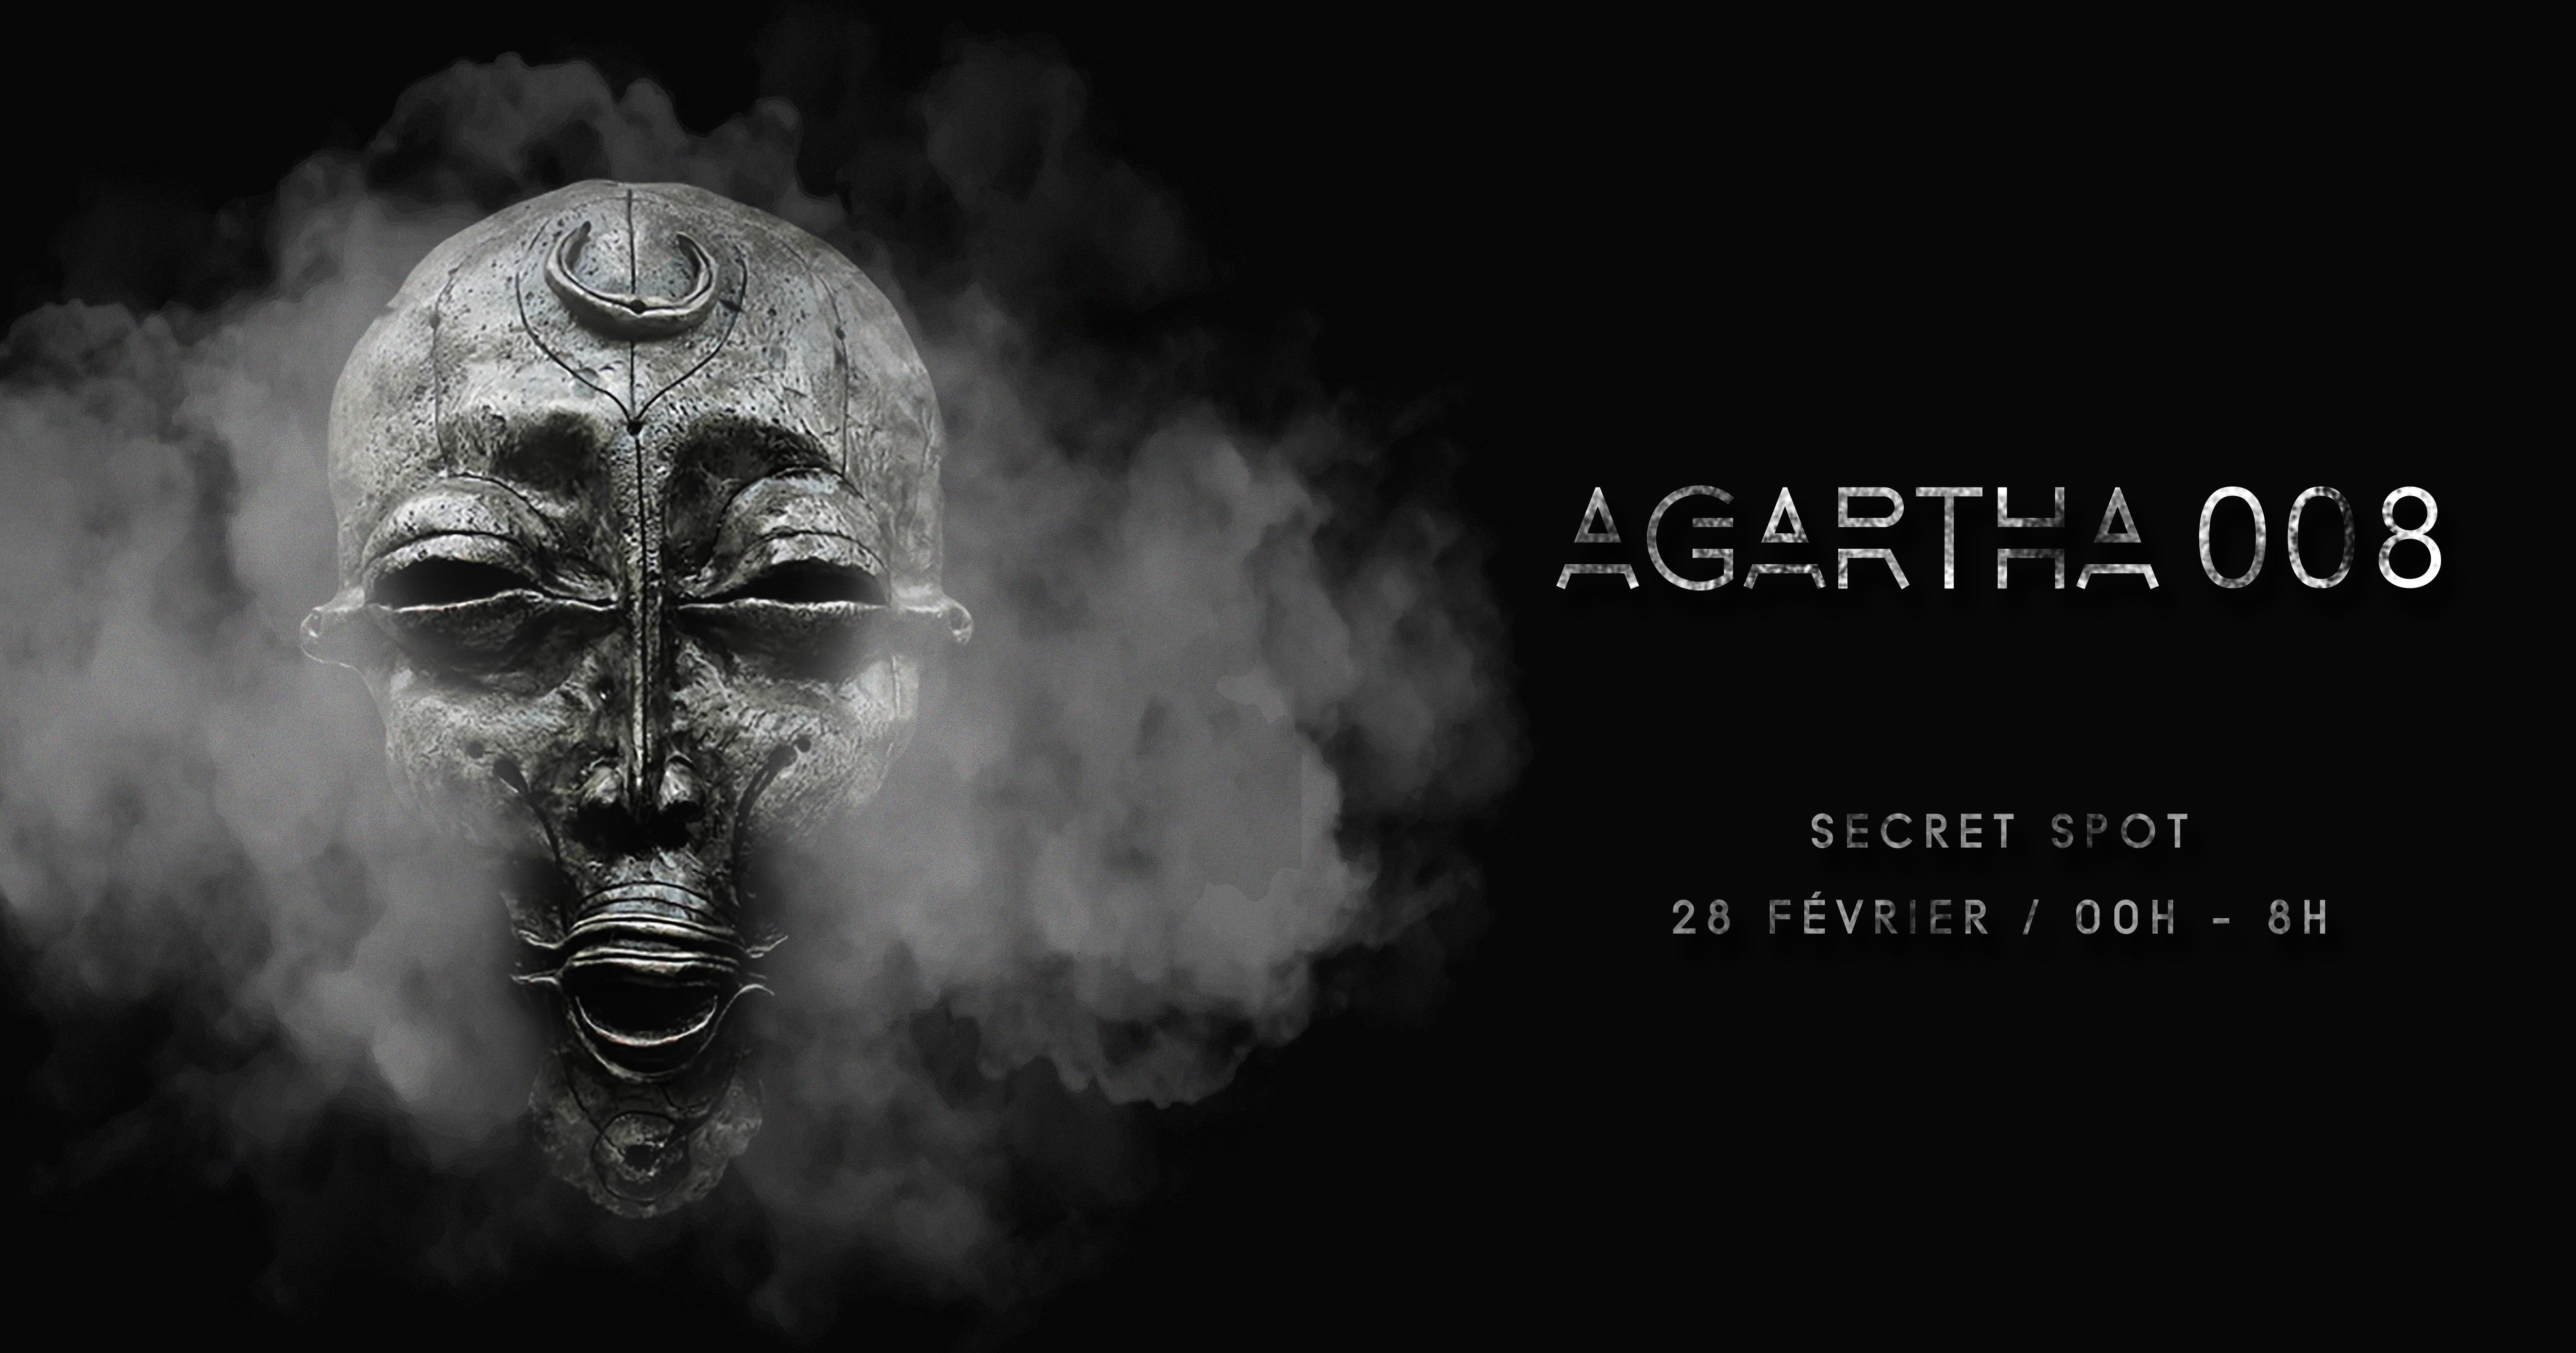 Agartha 008